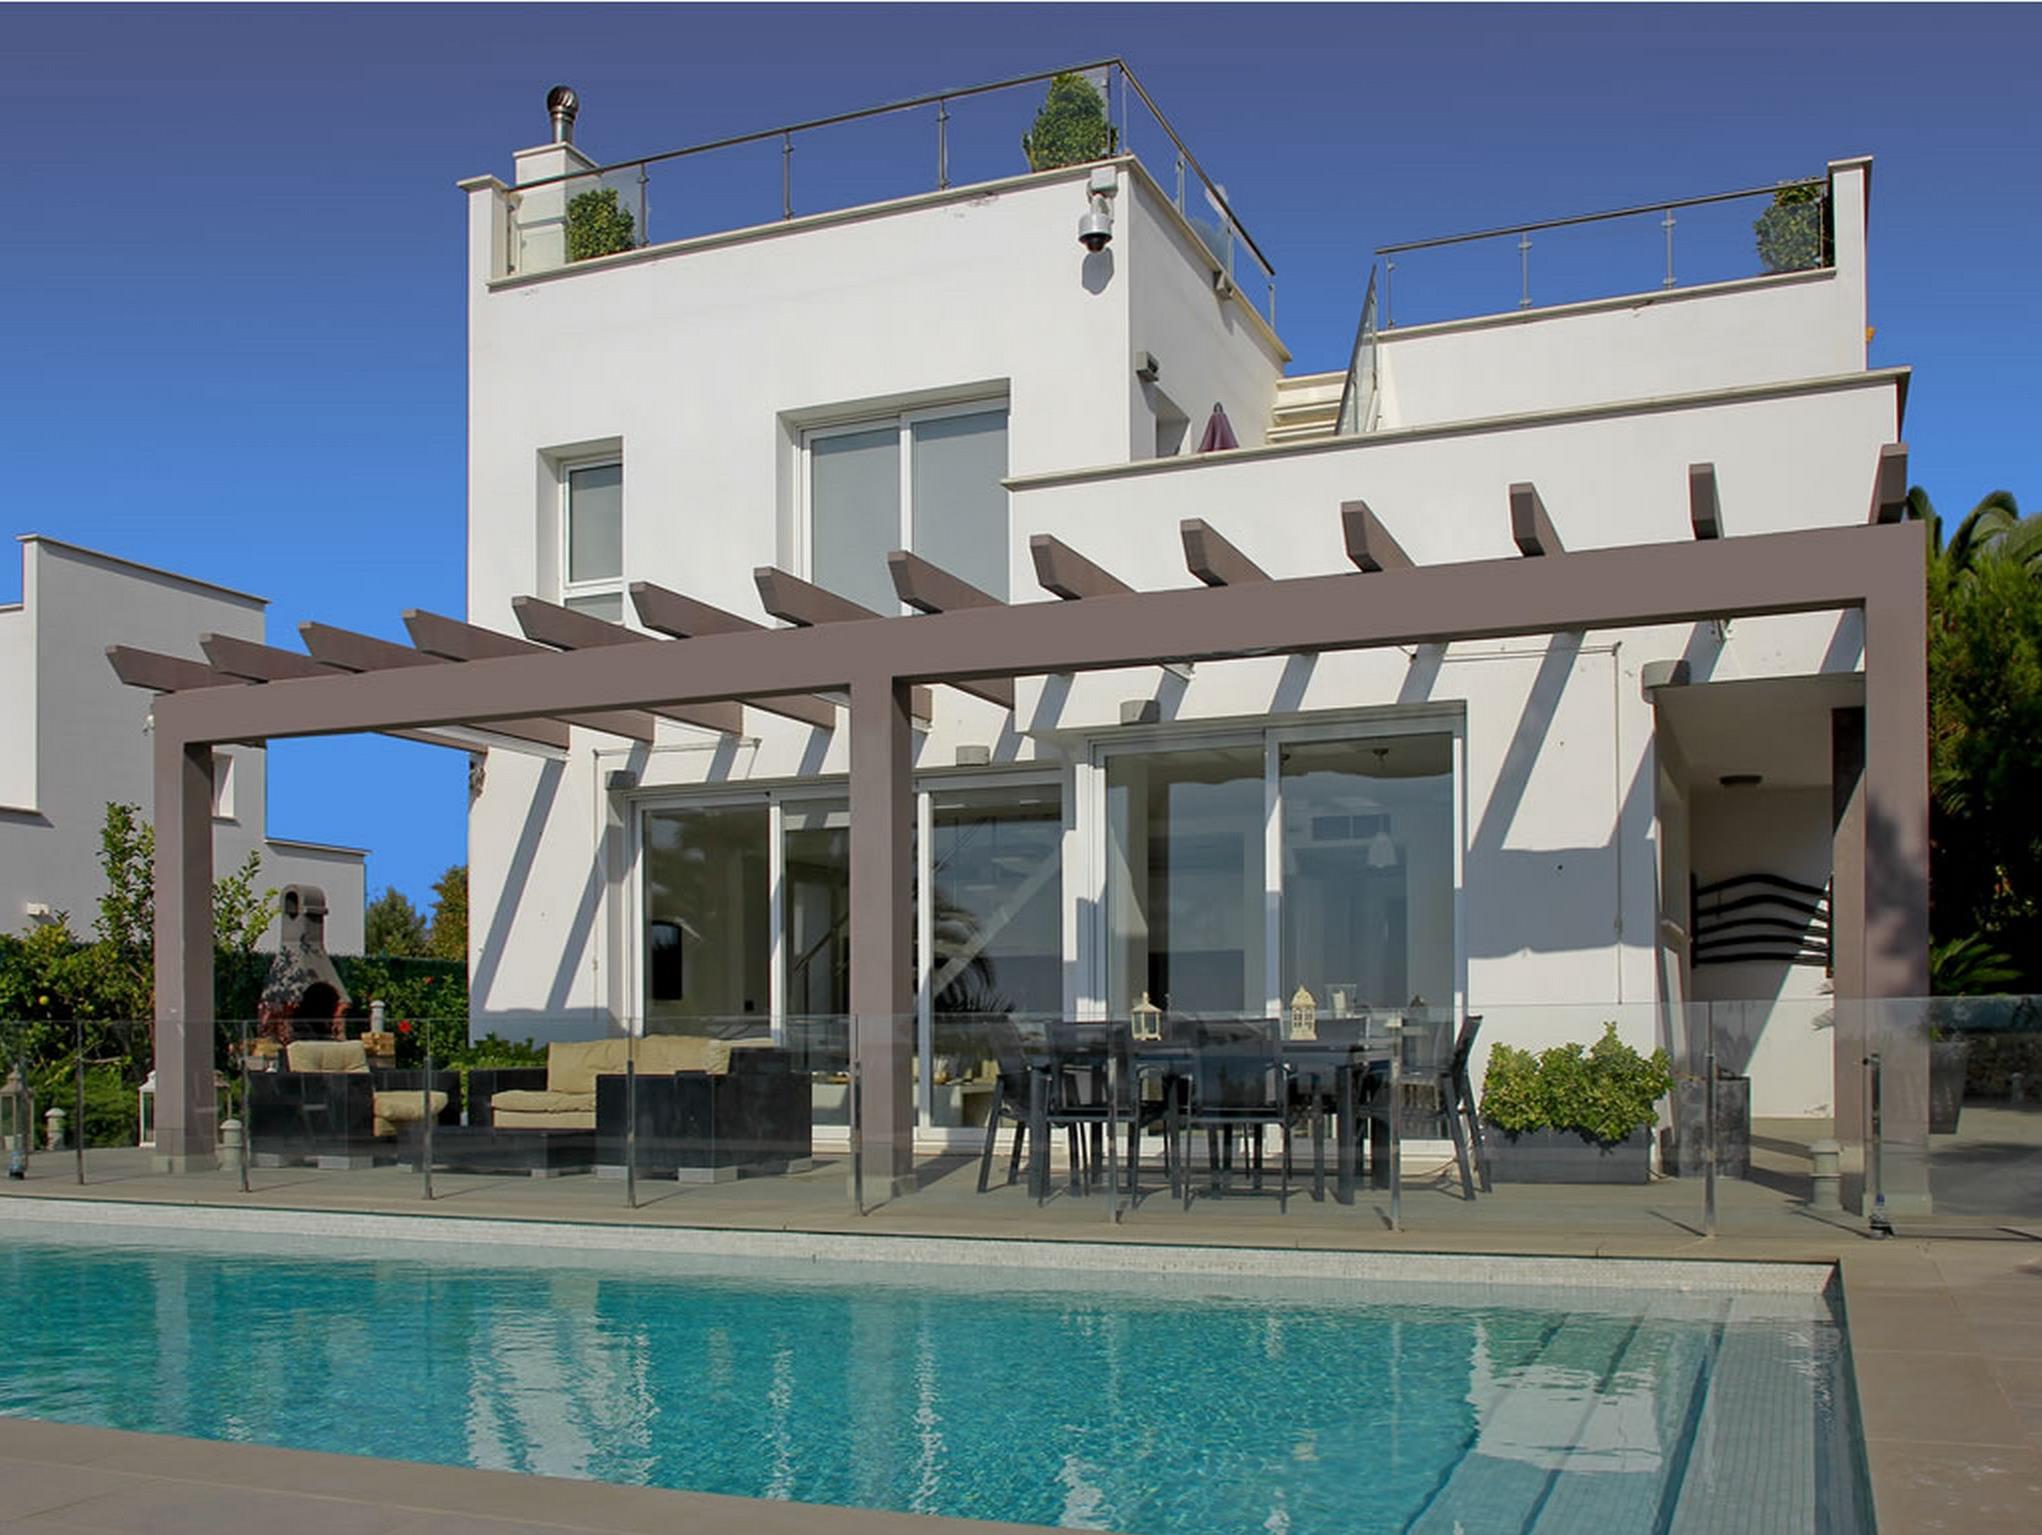 Location vacances maison appartement villa et chalet for Louer son logement pendant les vacances